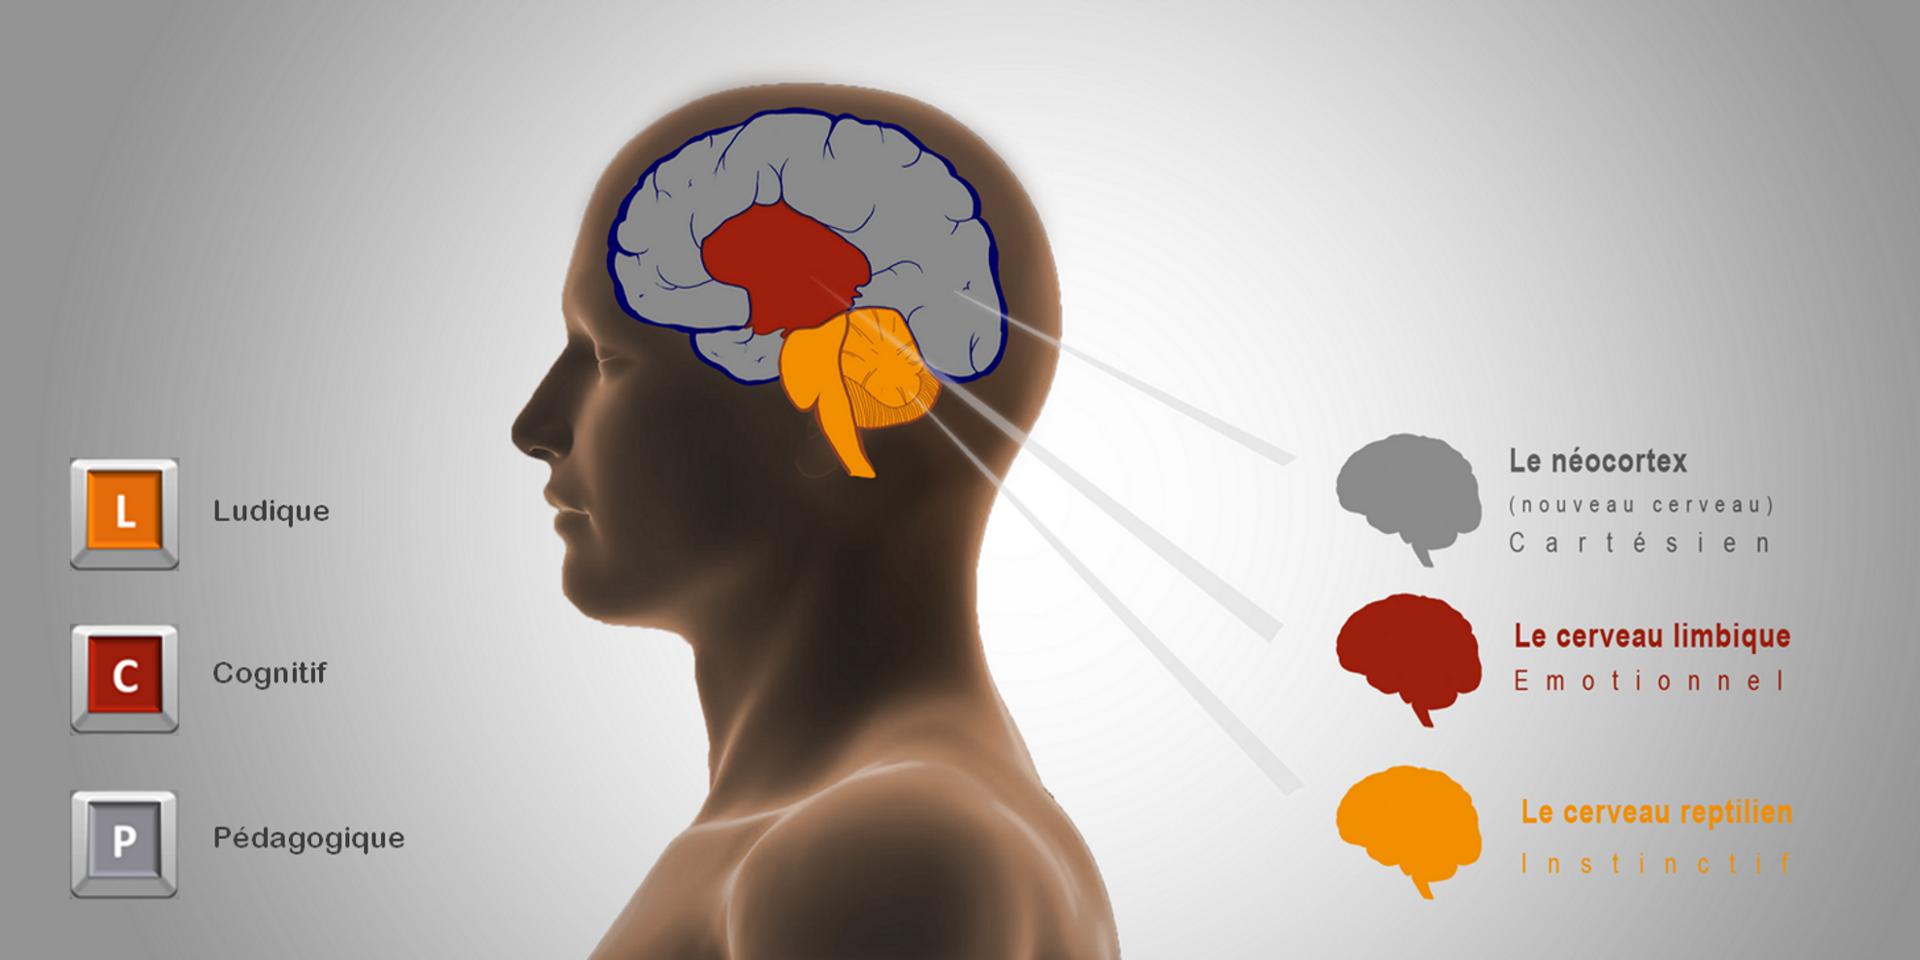 3 niveaux du cerveau